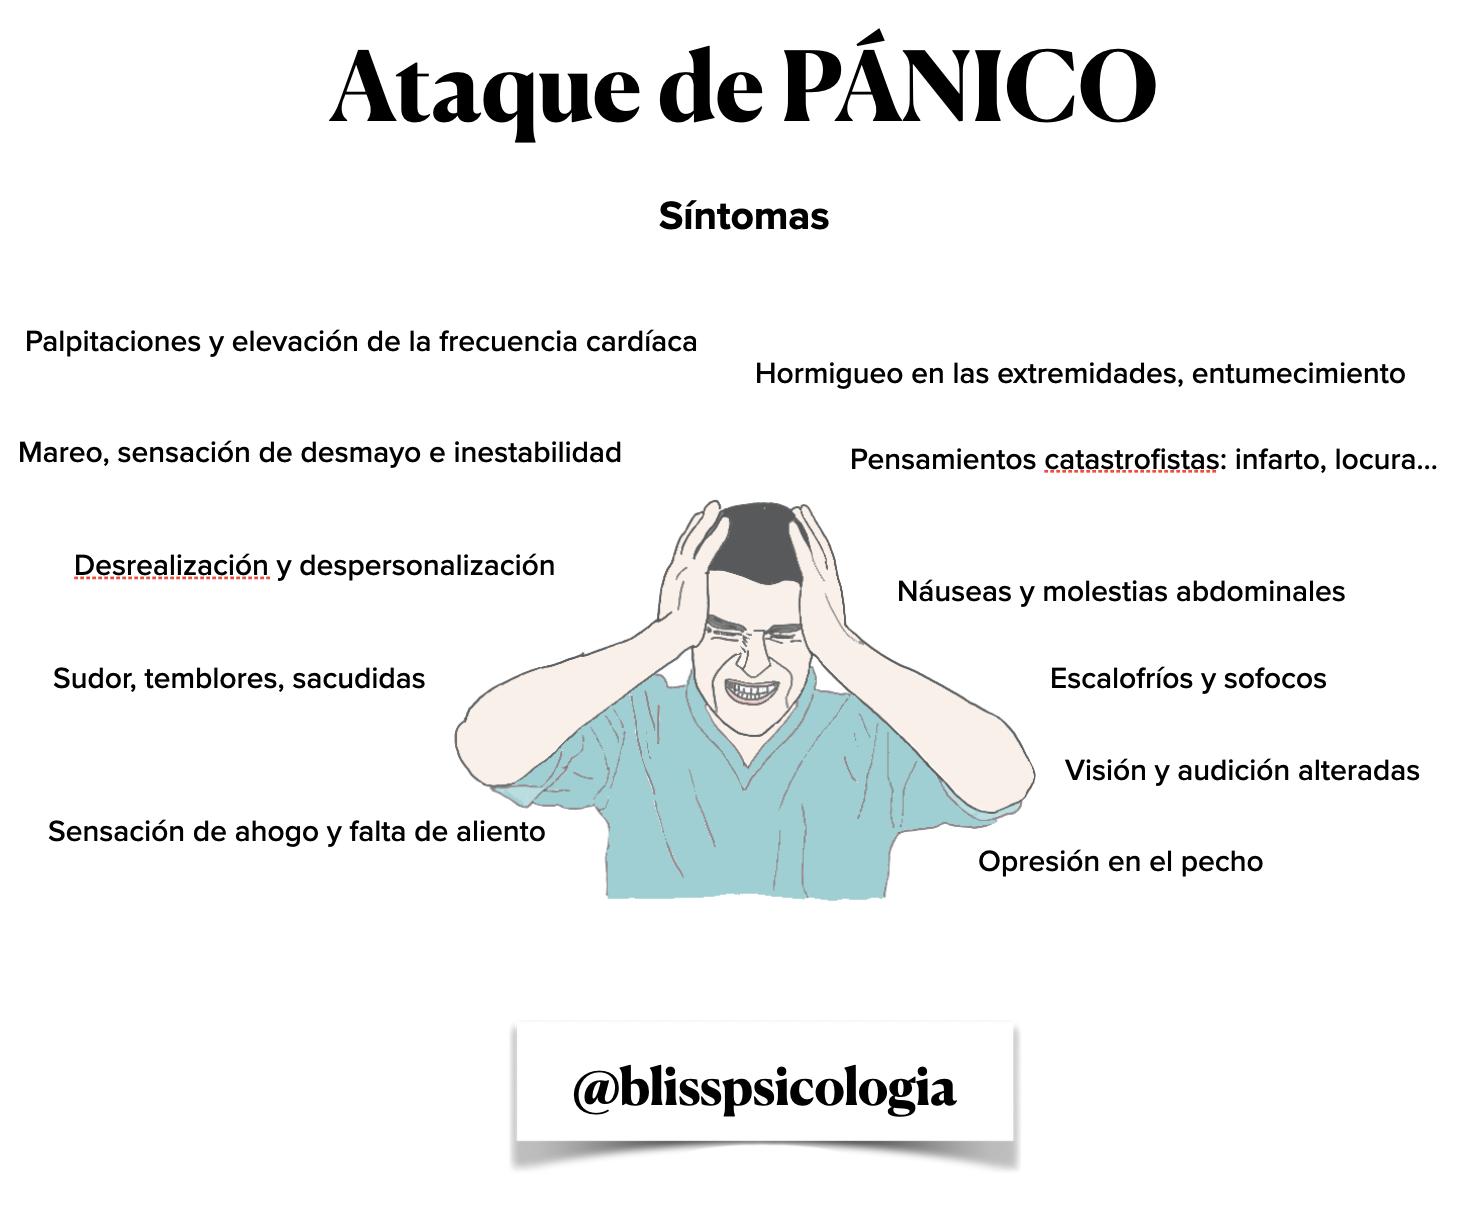 Hombre con ataque de pánico @blisspsicologia